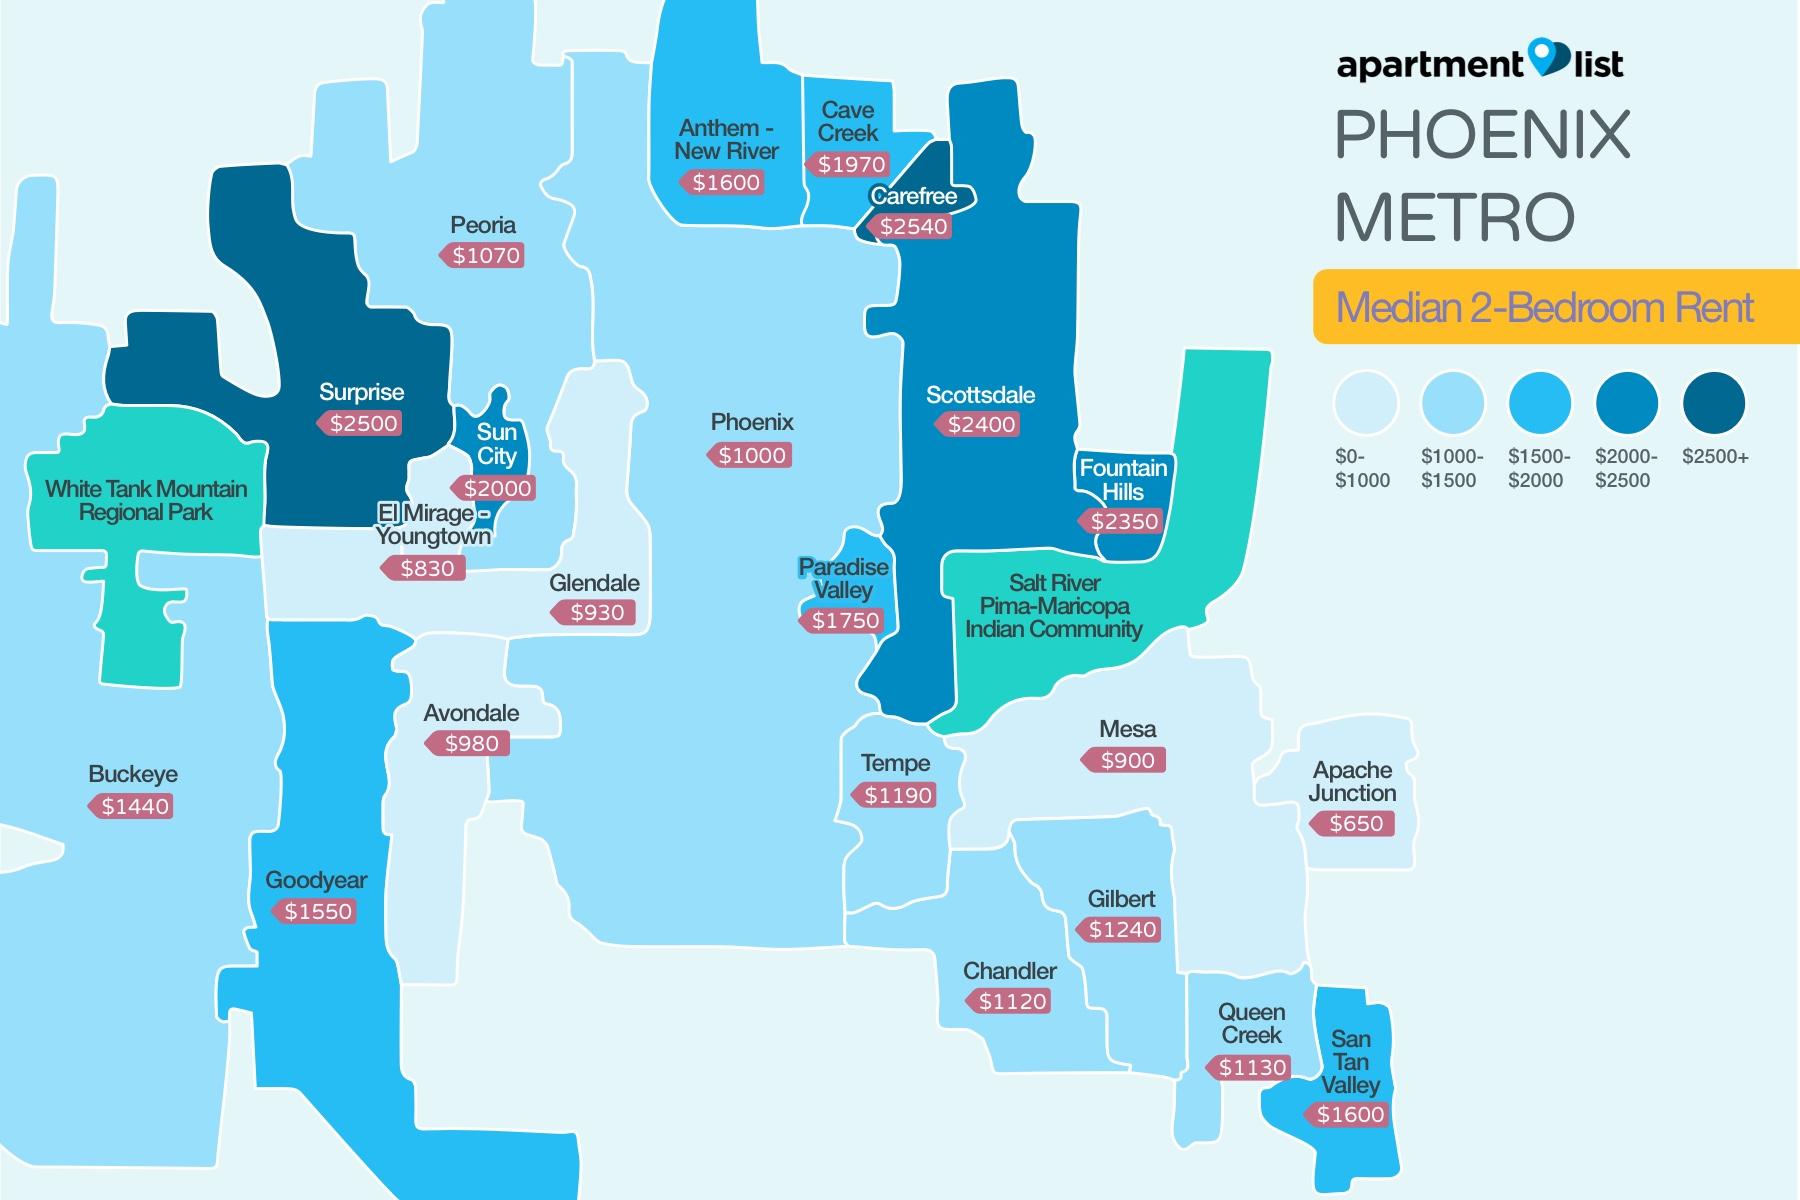 Phoenix Price Map